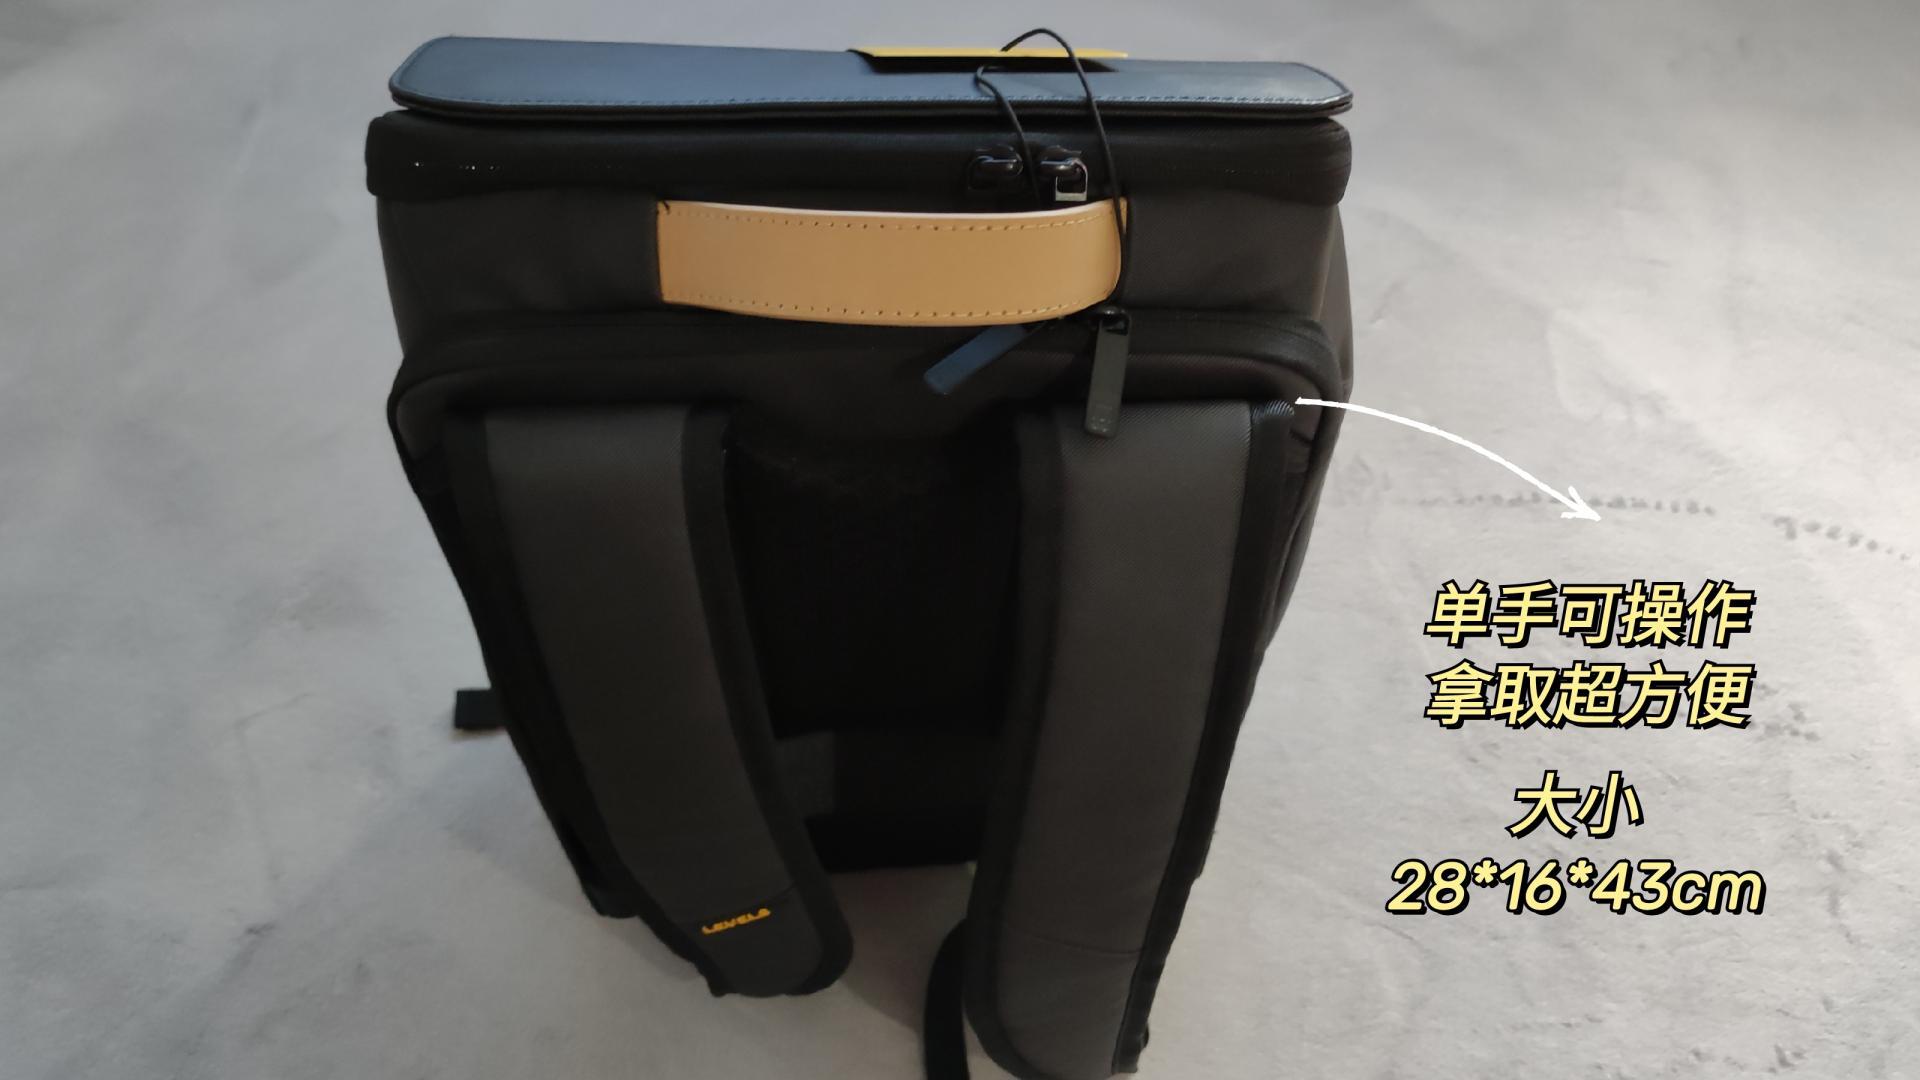 地平线8号零感背包简约有型轻便实用好收纳